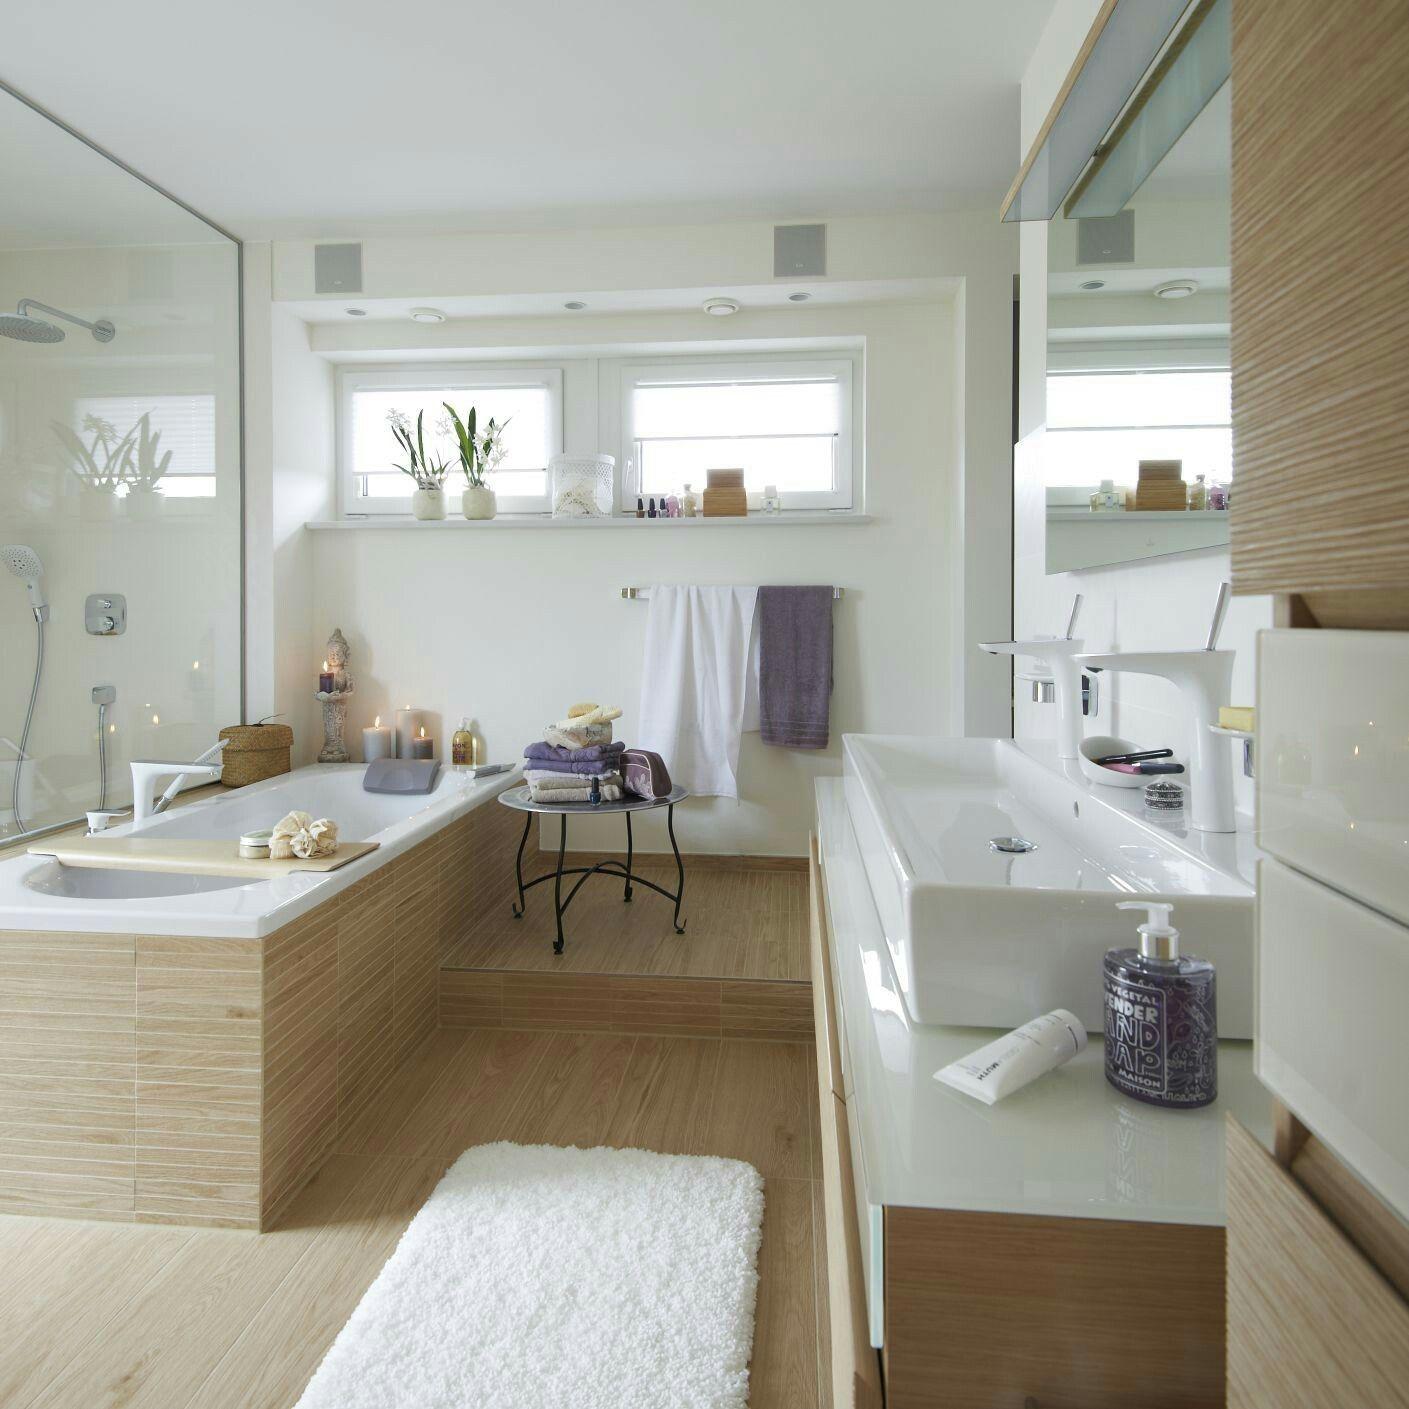 Schlafzimmer Ideen Braun Und Luxus Badezimmer Luxus: Pin Von Spring4711 Auf Home Decoration, Kitchen, Luxus